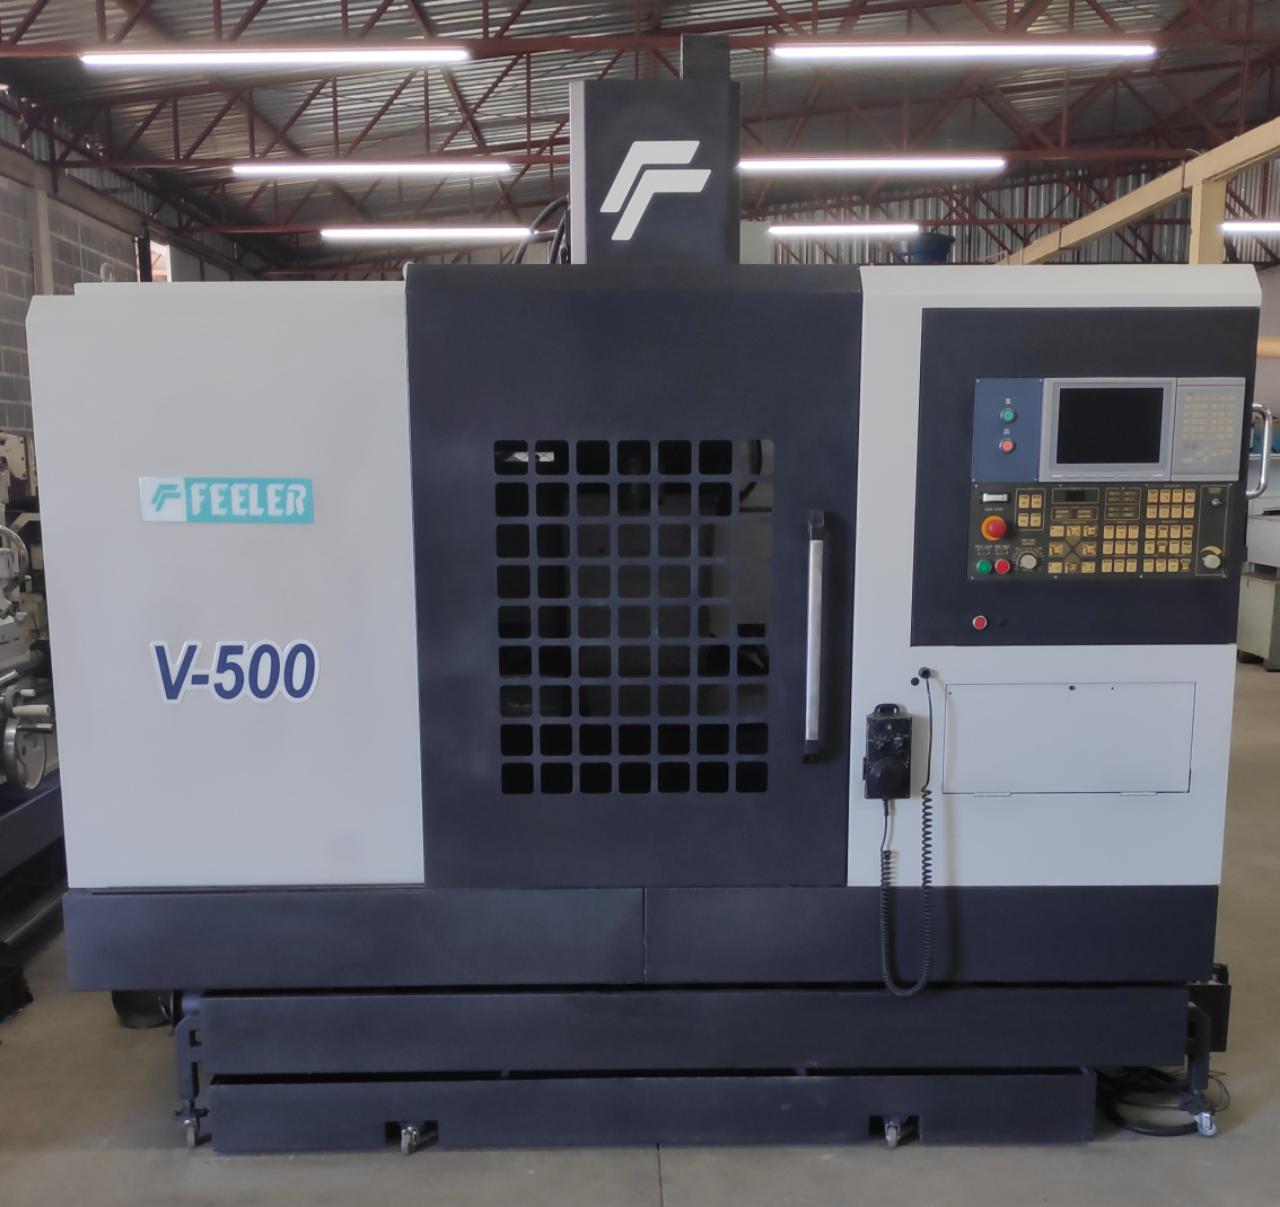 Centro de Usinagem Feeler V-500 | Vision Mach Equipamentos